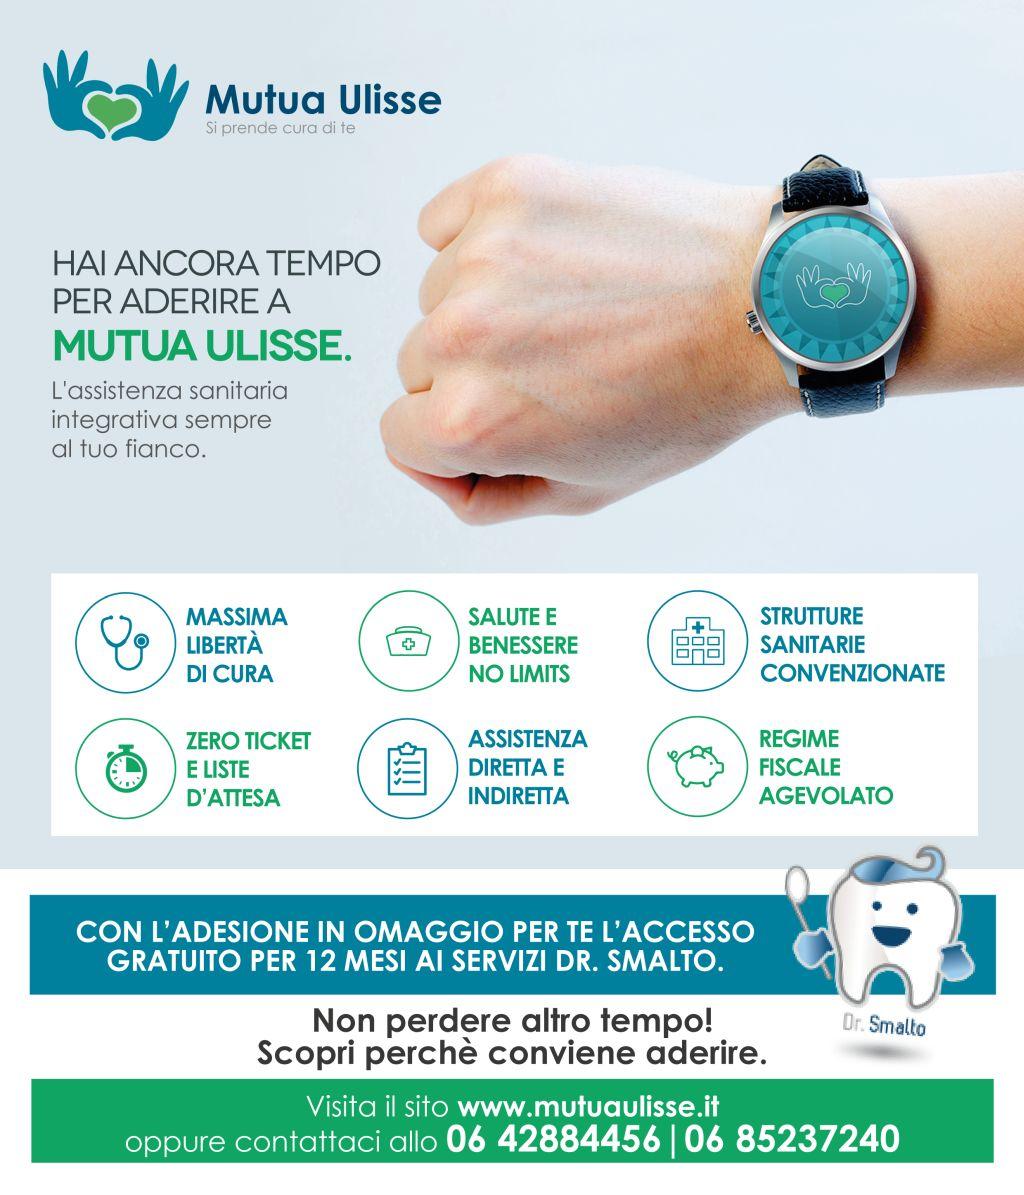 Mutua Ulisse Mds Group